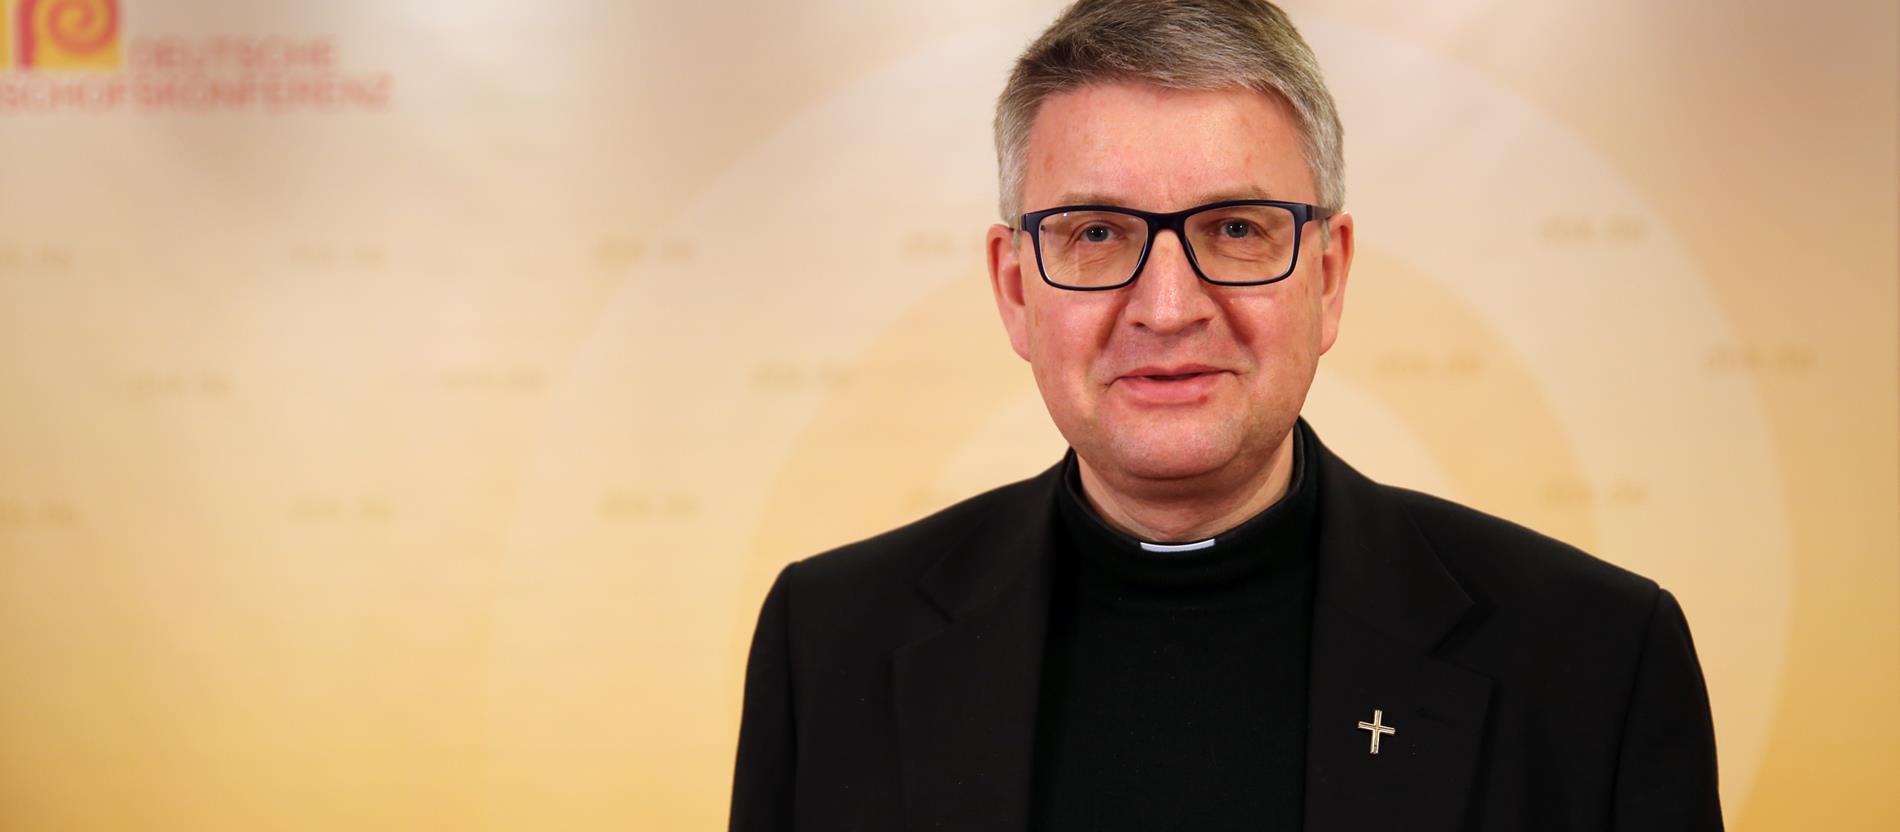 Der Mainzer Bischof Peter Kohlgraf